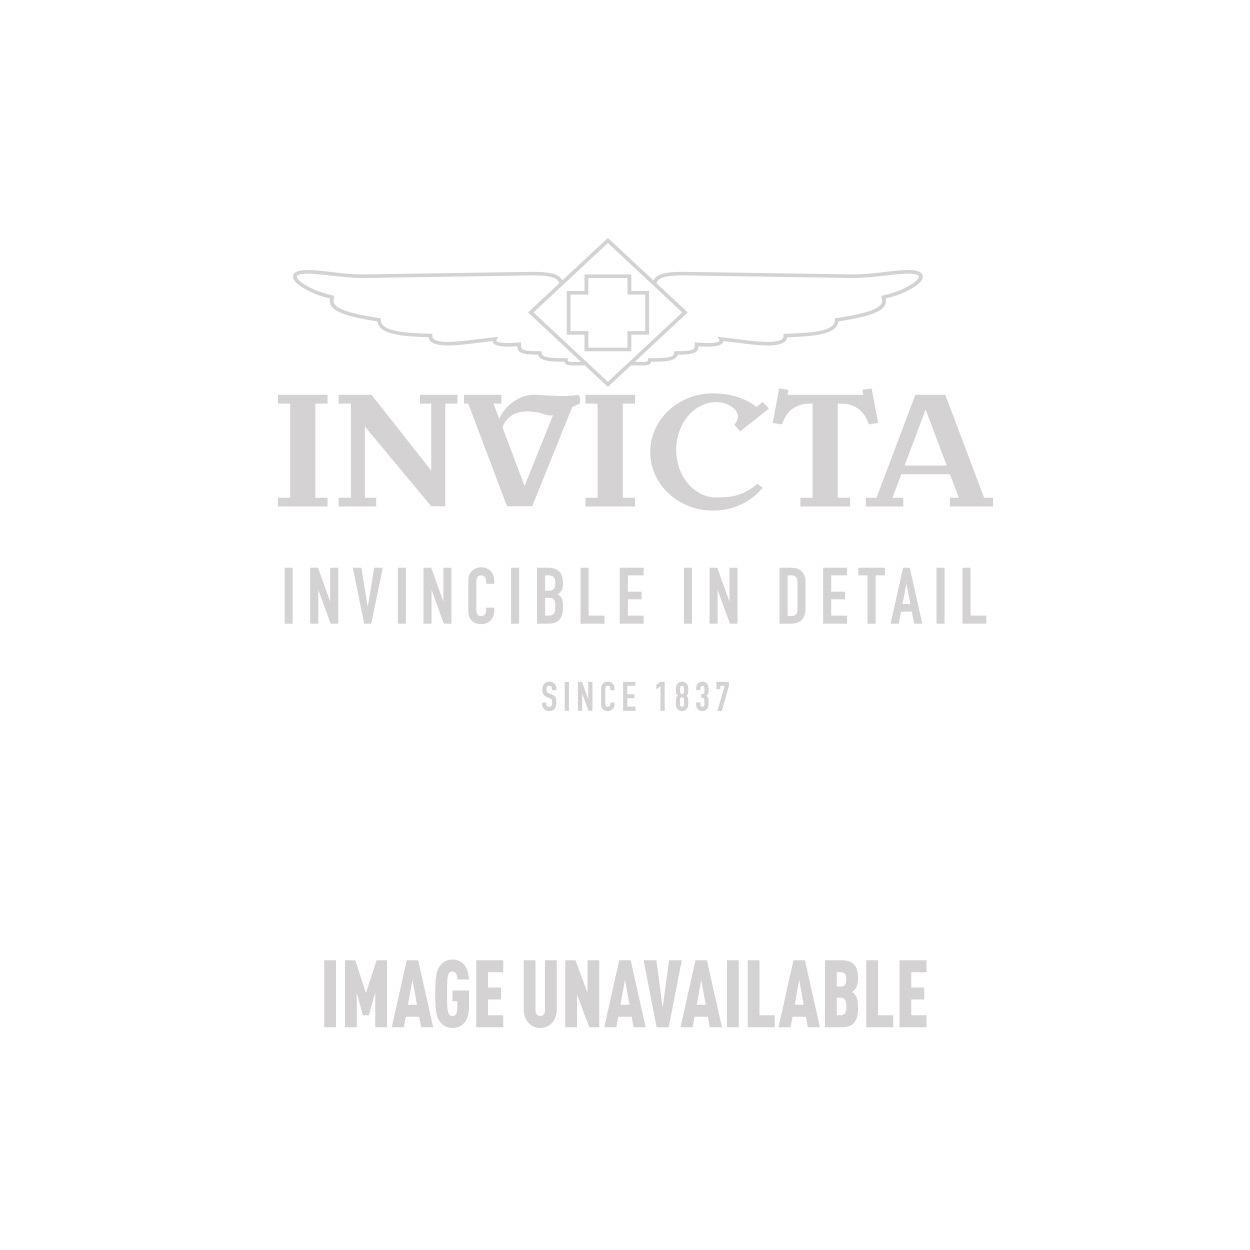 Invicta Model 24544